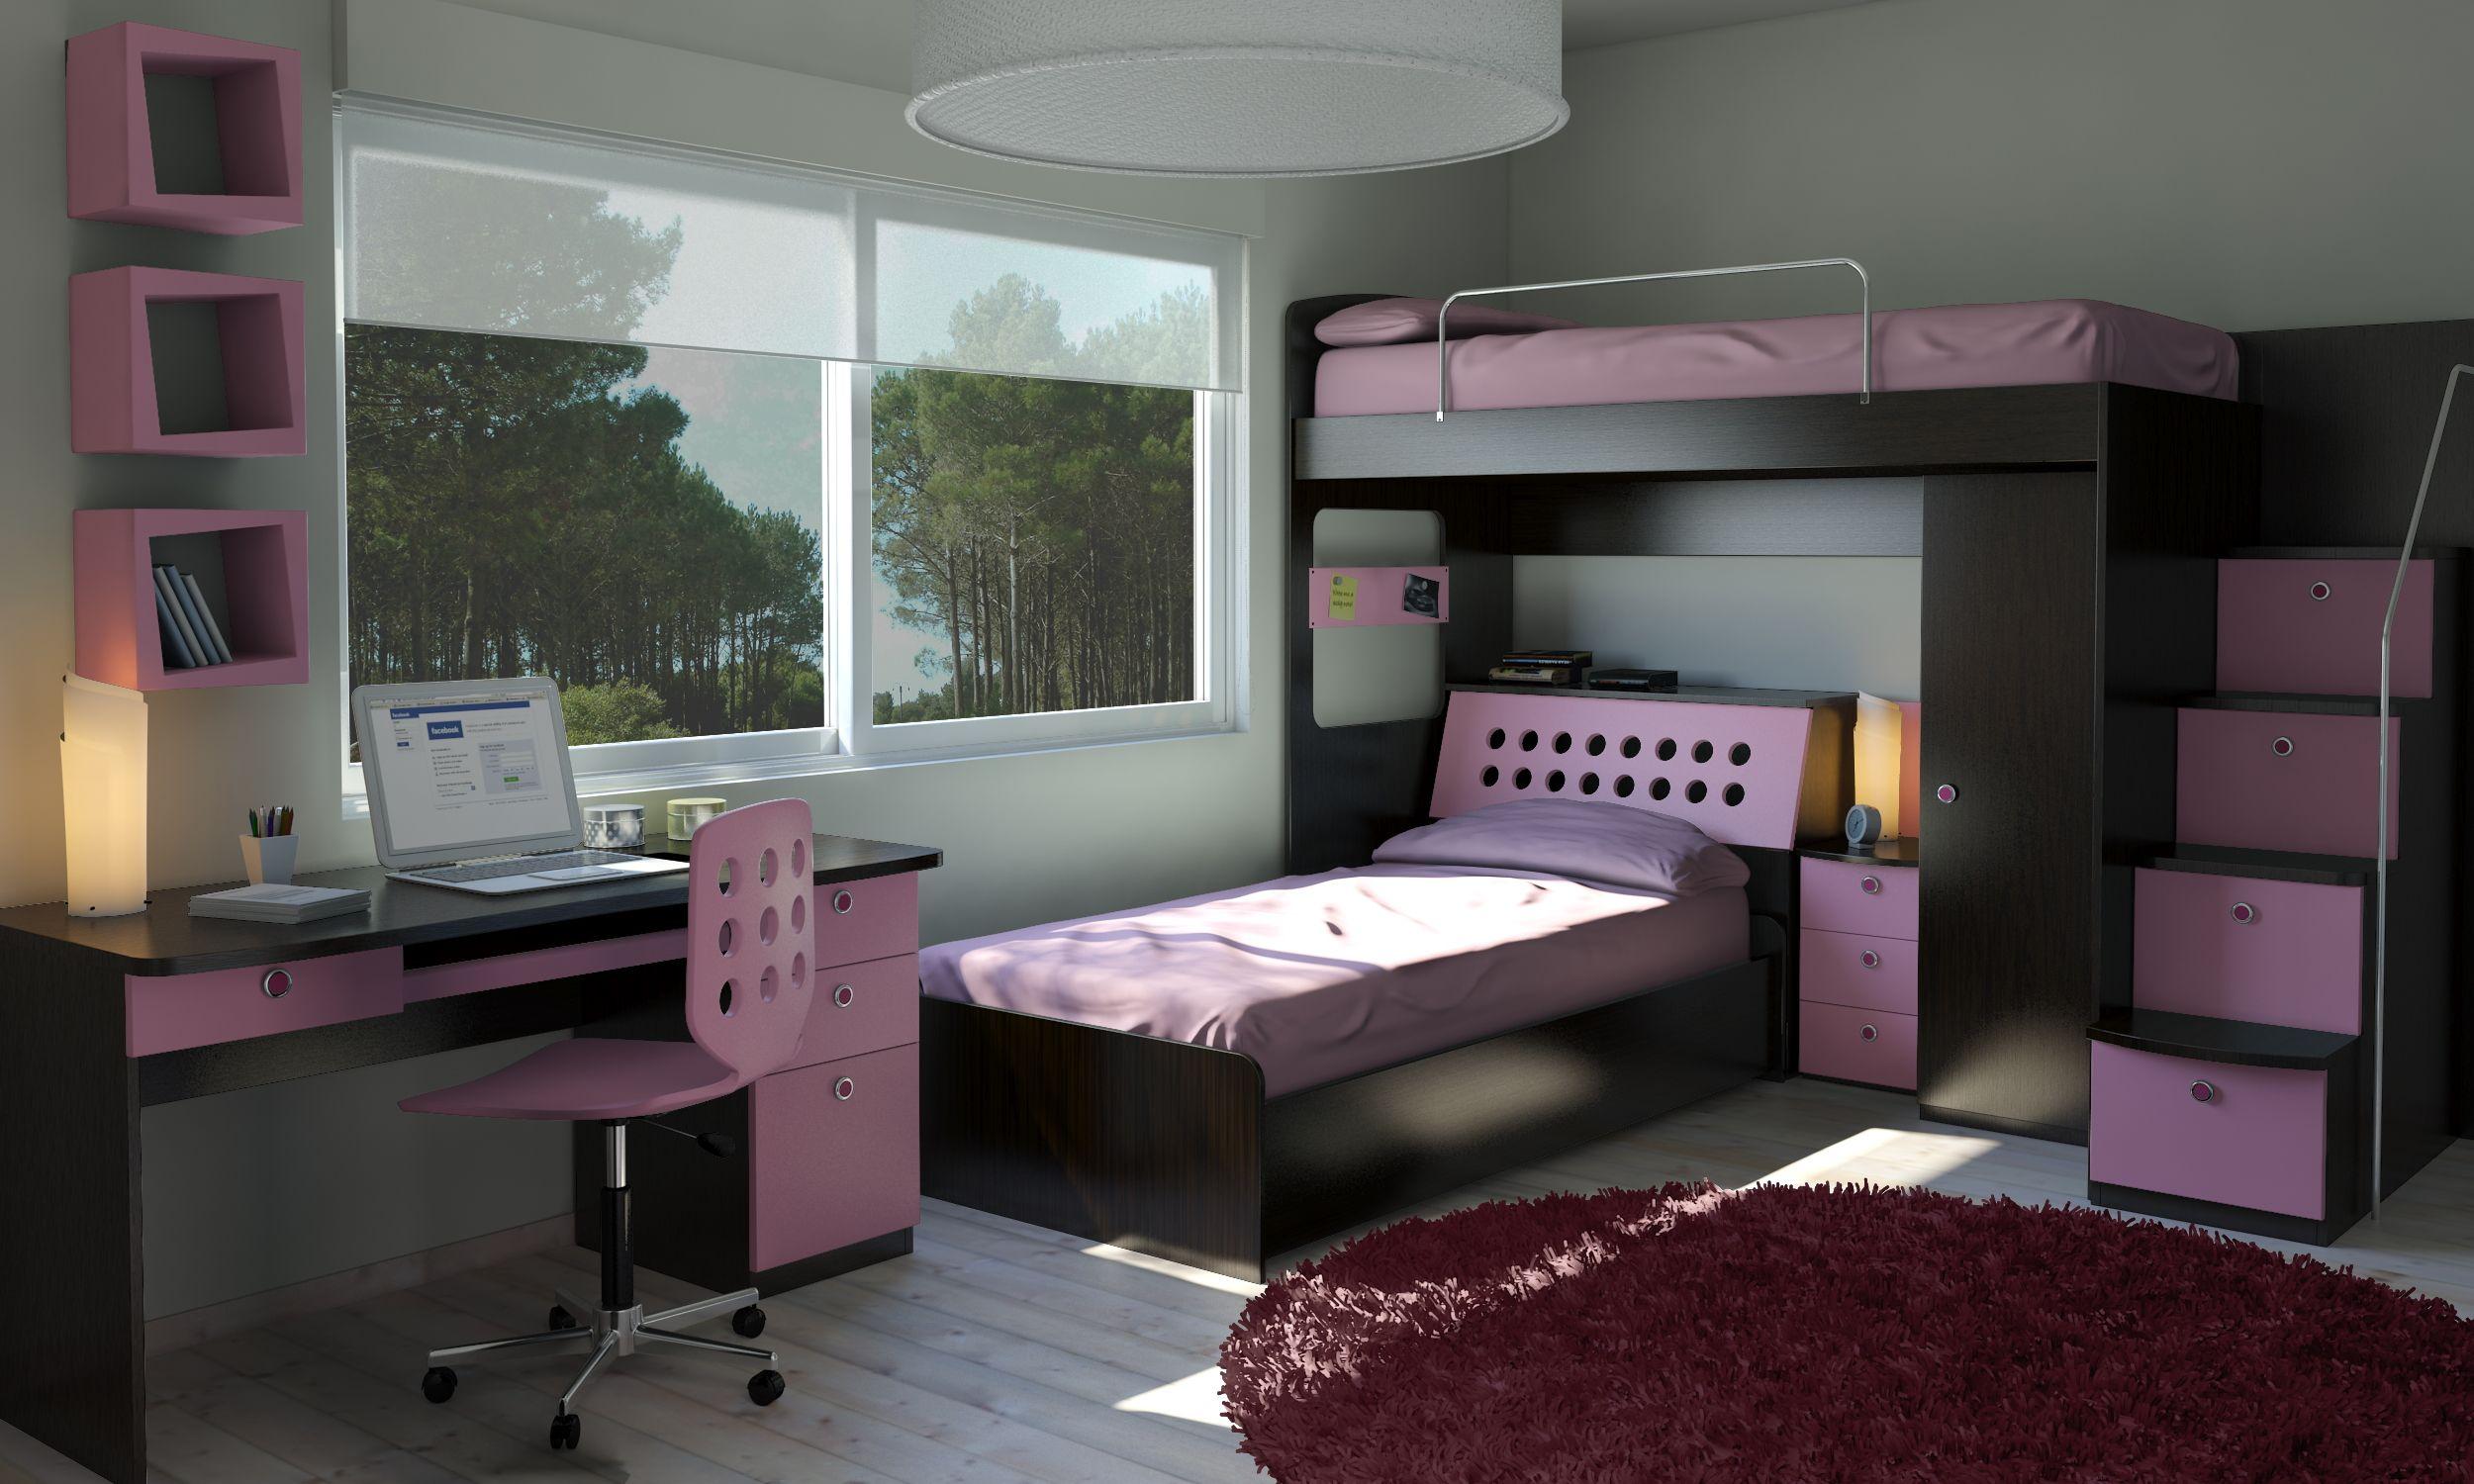 Muebles juveniles muebles infantiles muebles funcionales - Muebles para chicos ...